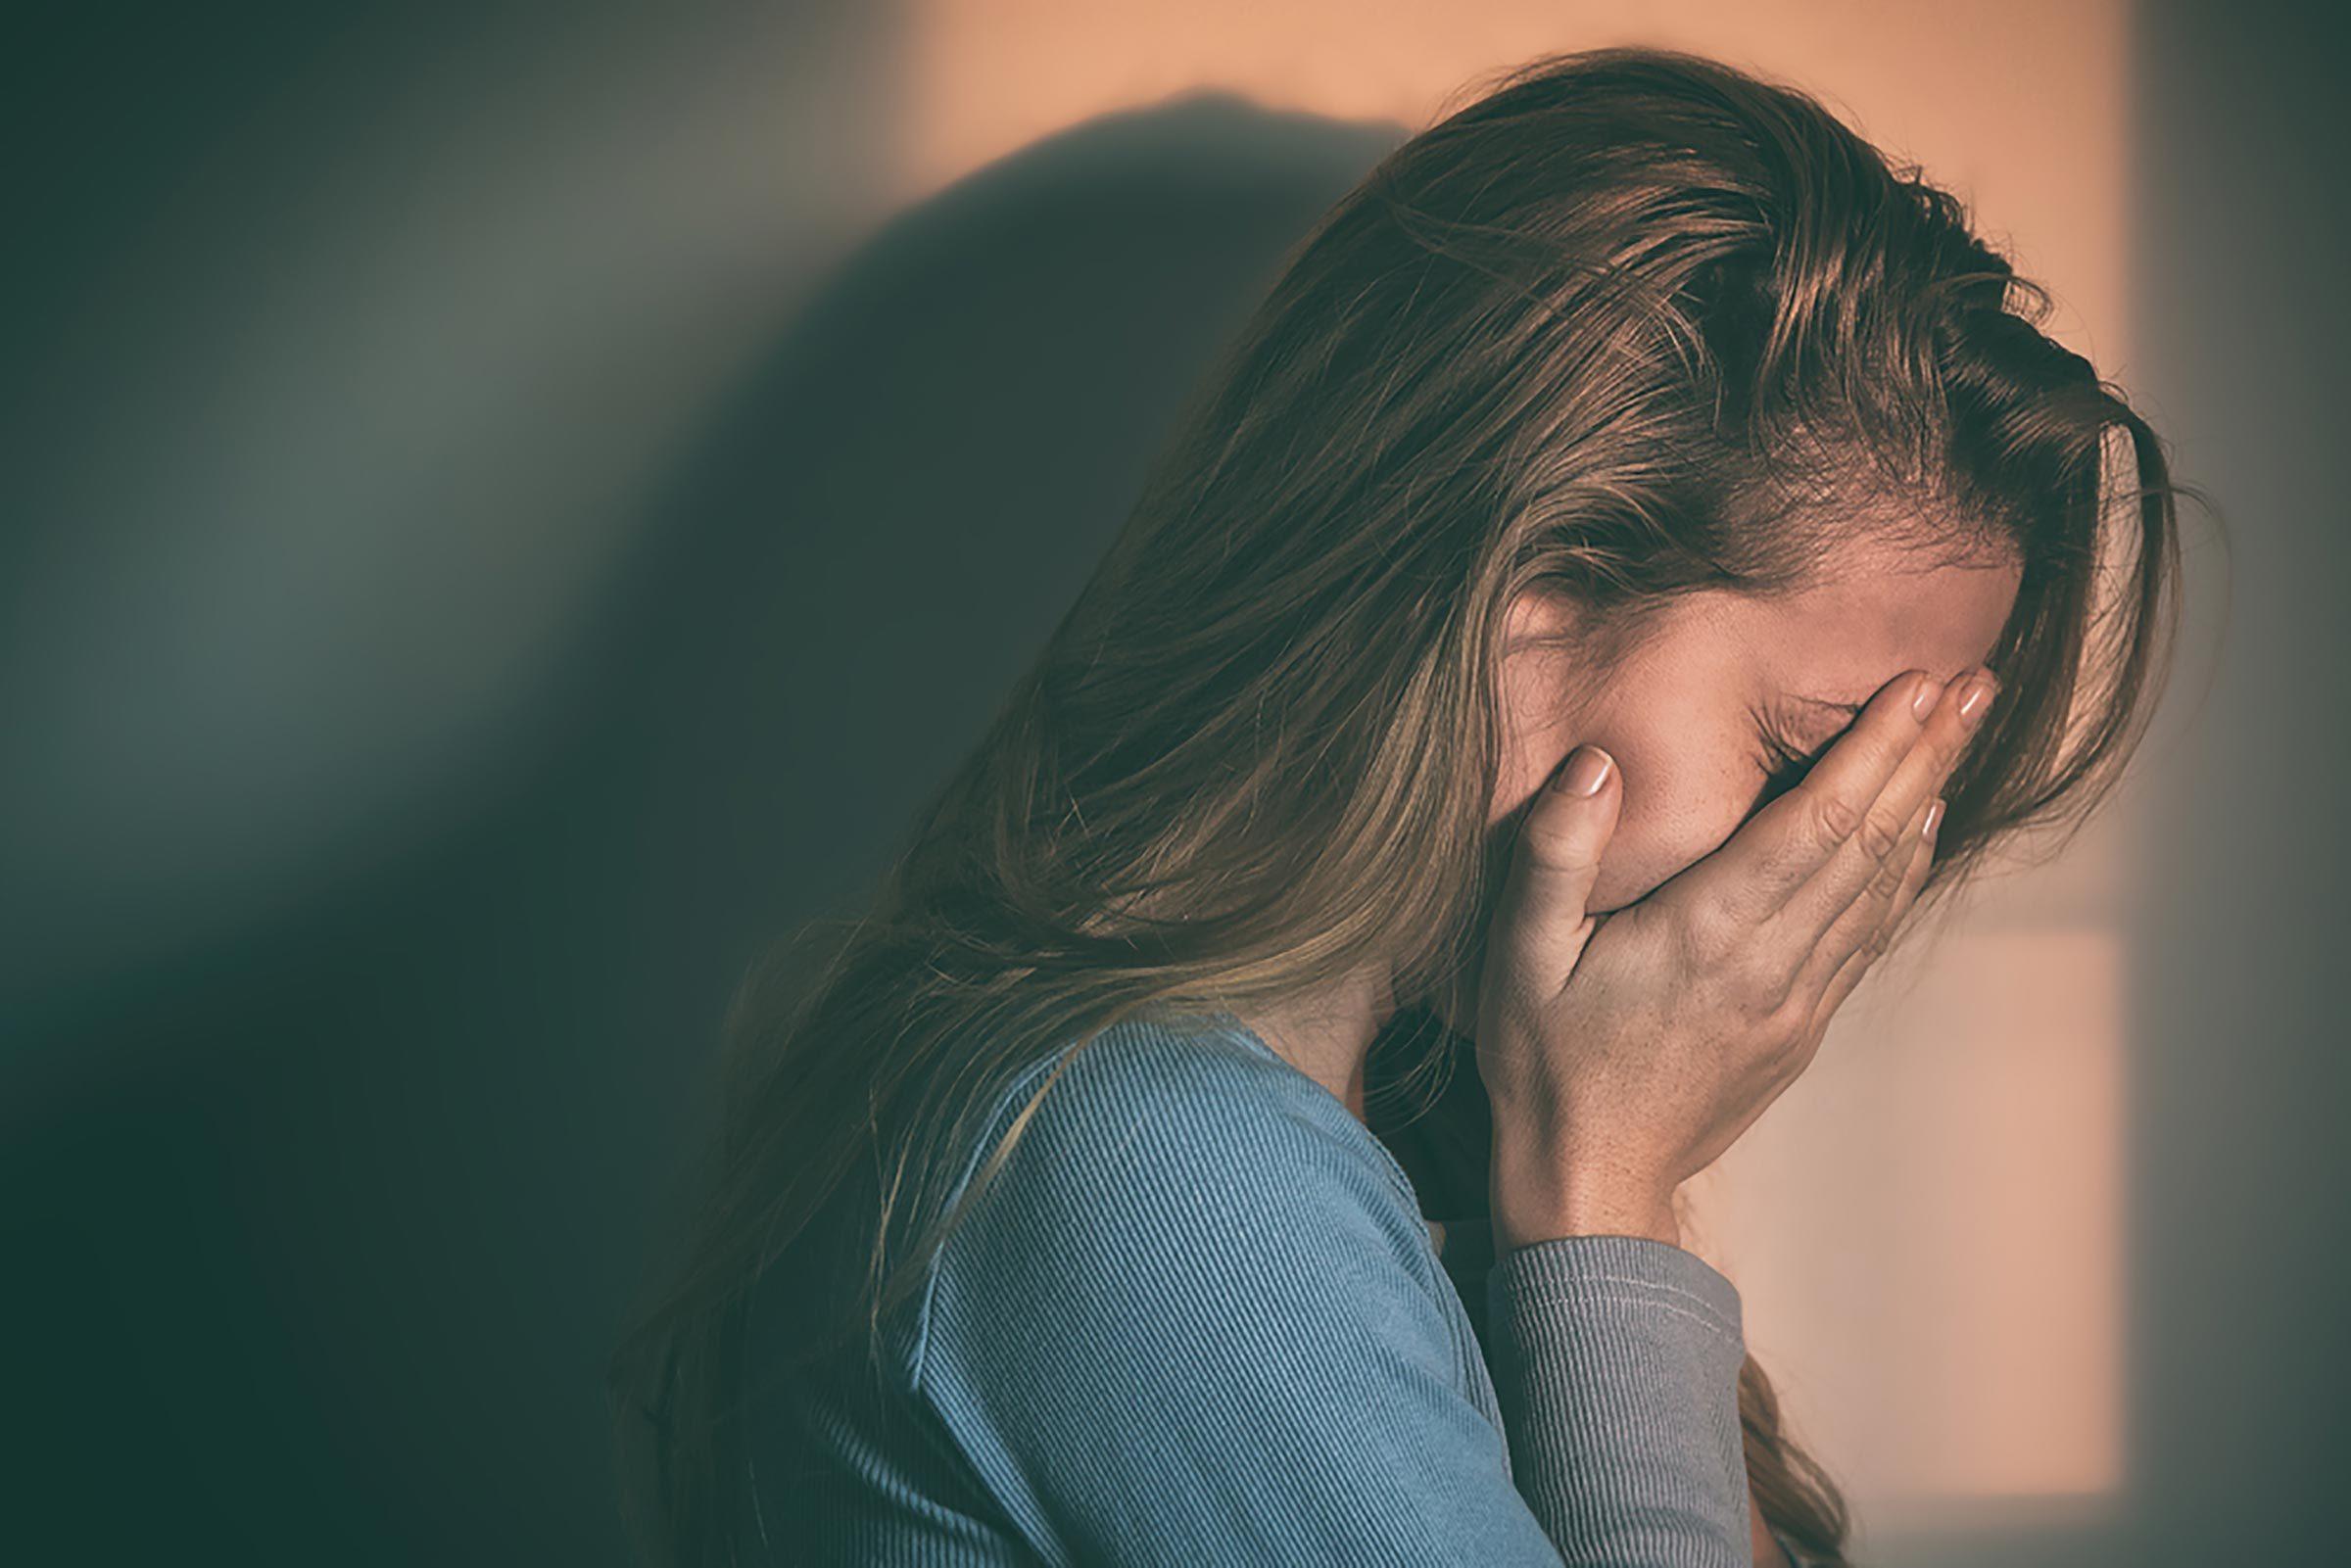 Symptôme du stress: Vous êtes une boule d'émotions